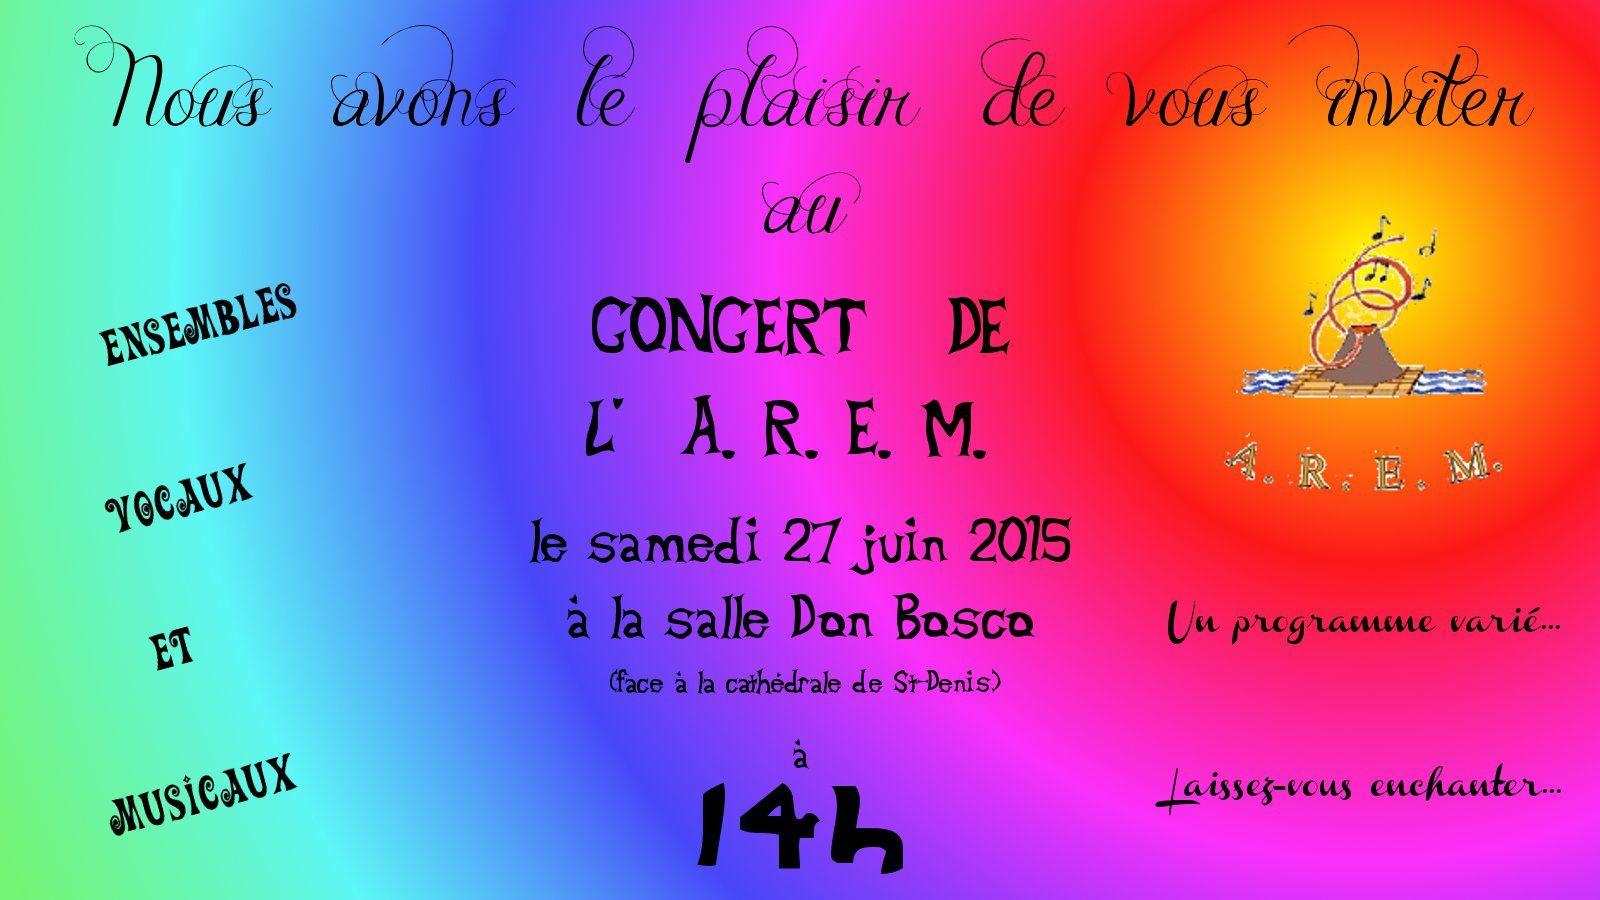 Concert de fin d'année le samedi 27 juin